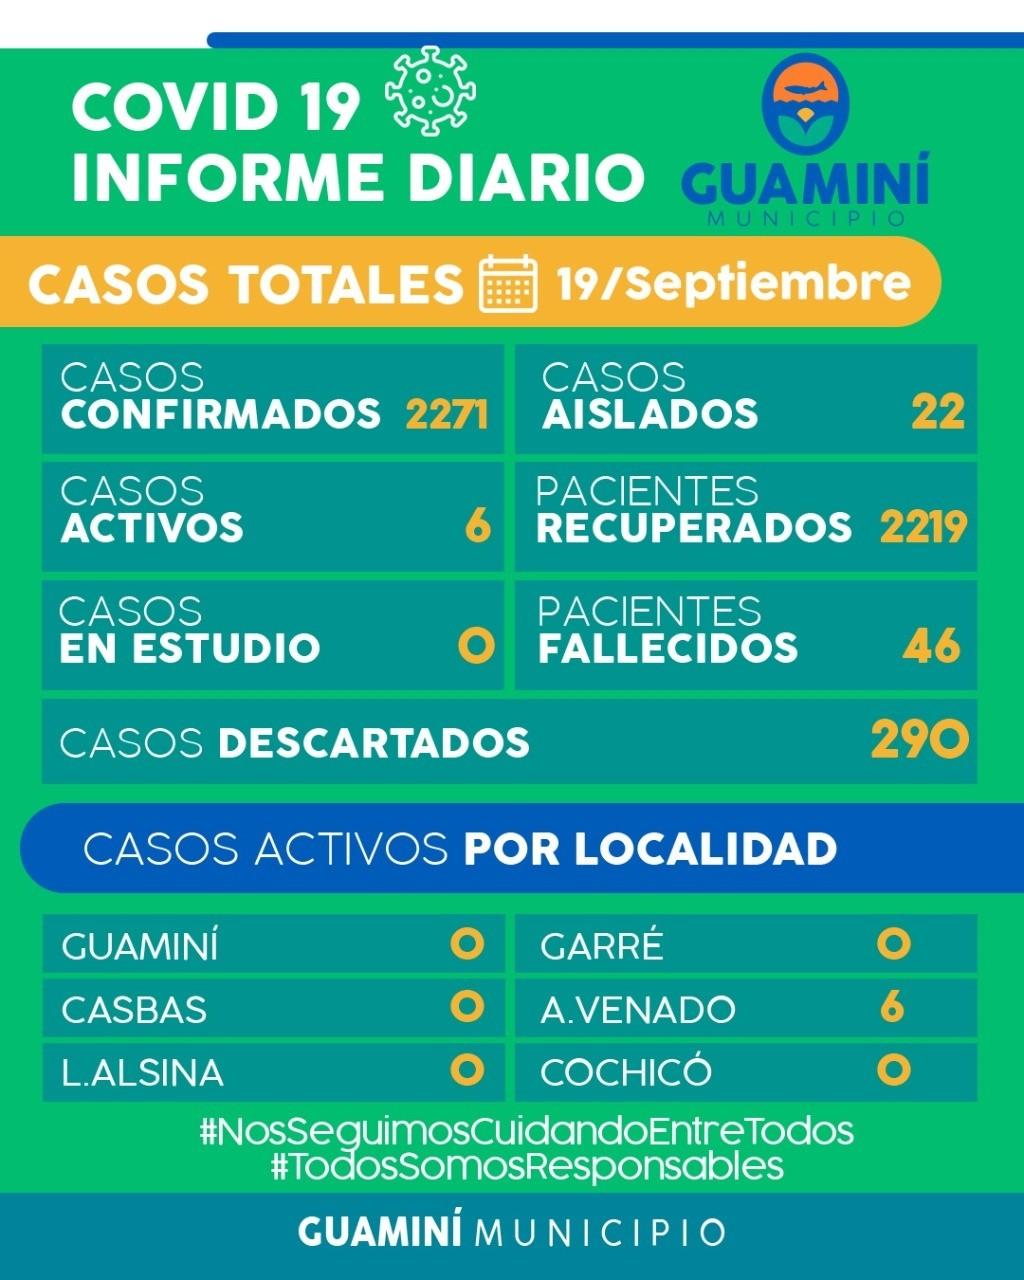 CORONAVIRUS: INFORME DIARIO DE SITUACIÓN A NIVEL LOCAL - 19 DE SEPTIEMBRE -